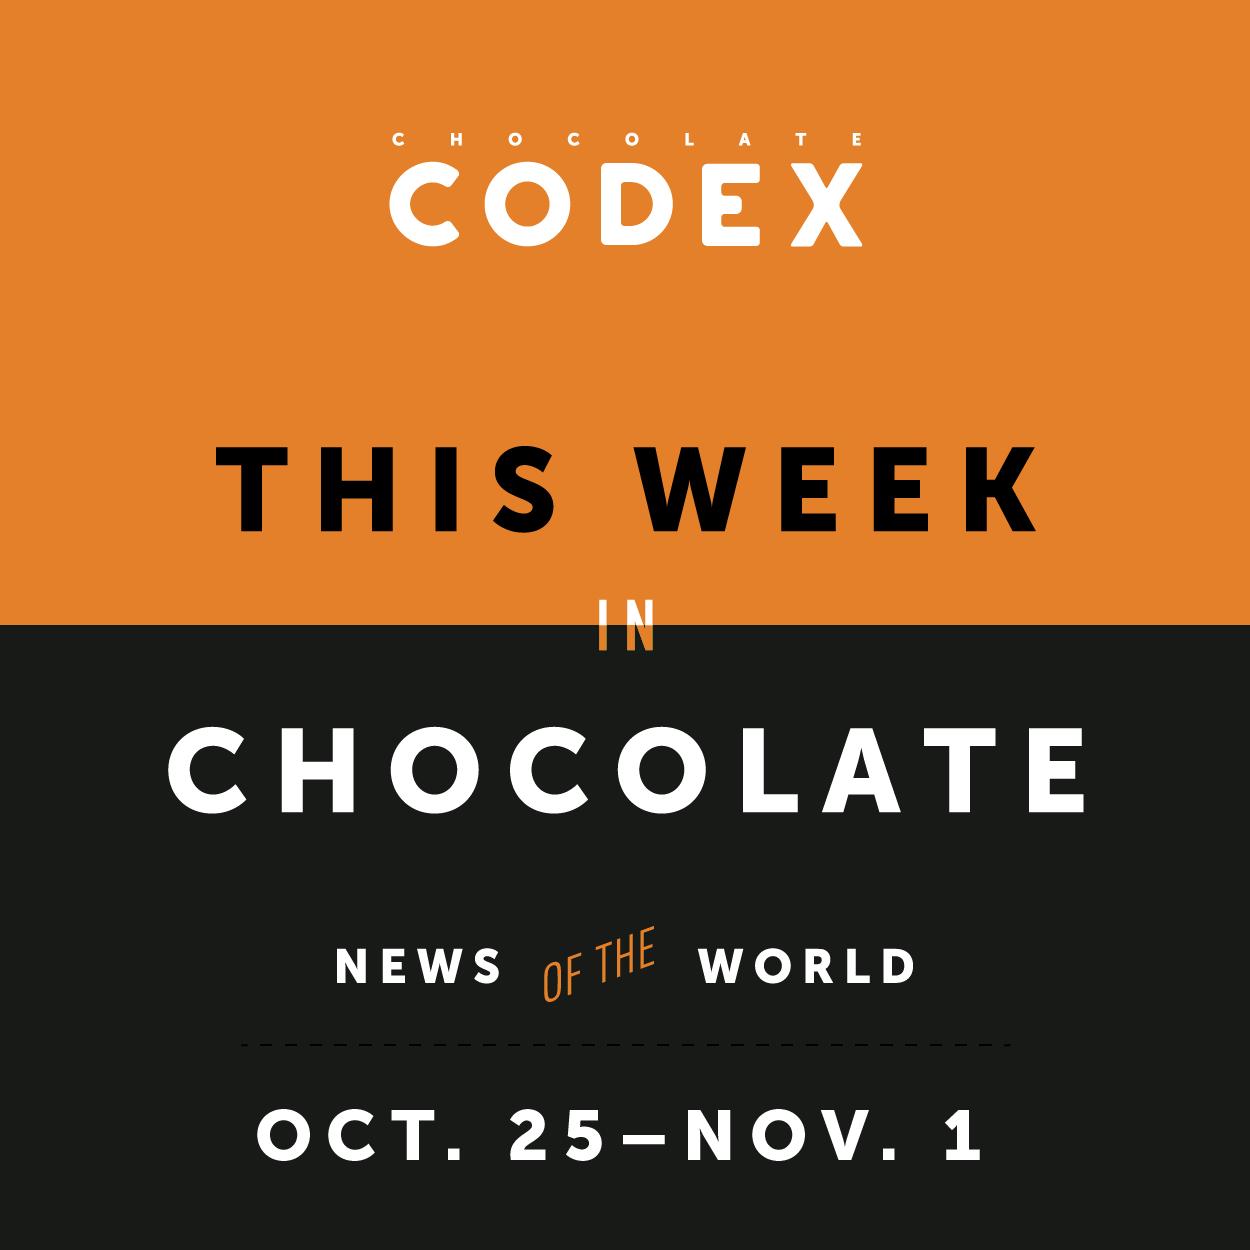 ChocolateCodex_ThisWeek_Chocolate_News_Week44